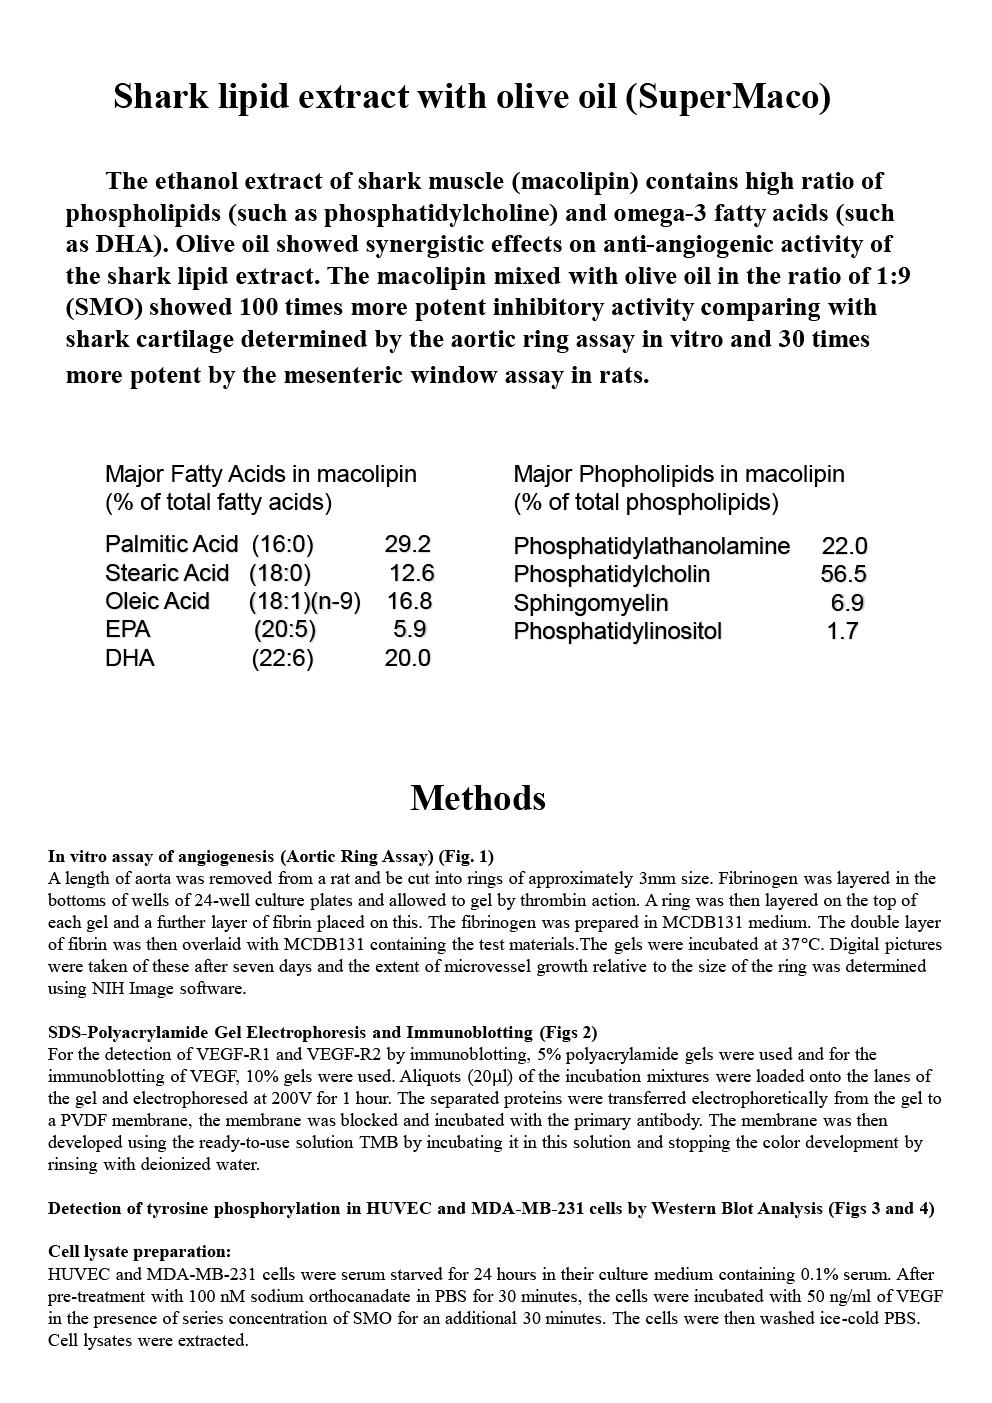 An ethanolic extract from a shark having potent anti-angiogeneric activity P3